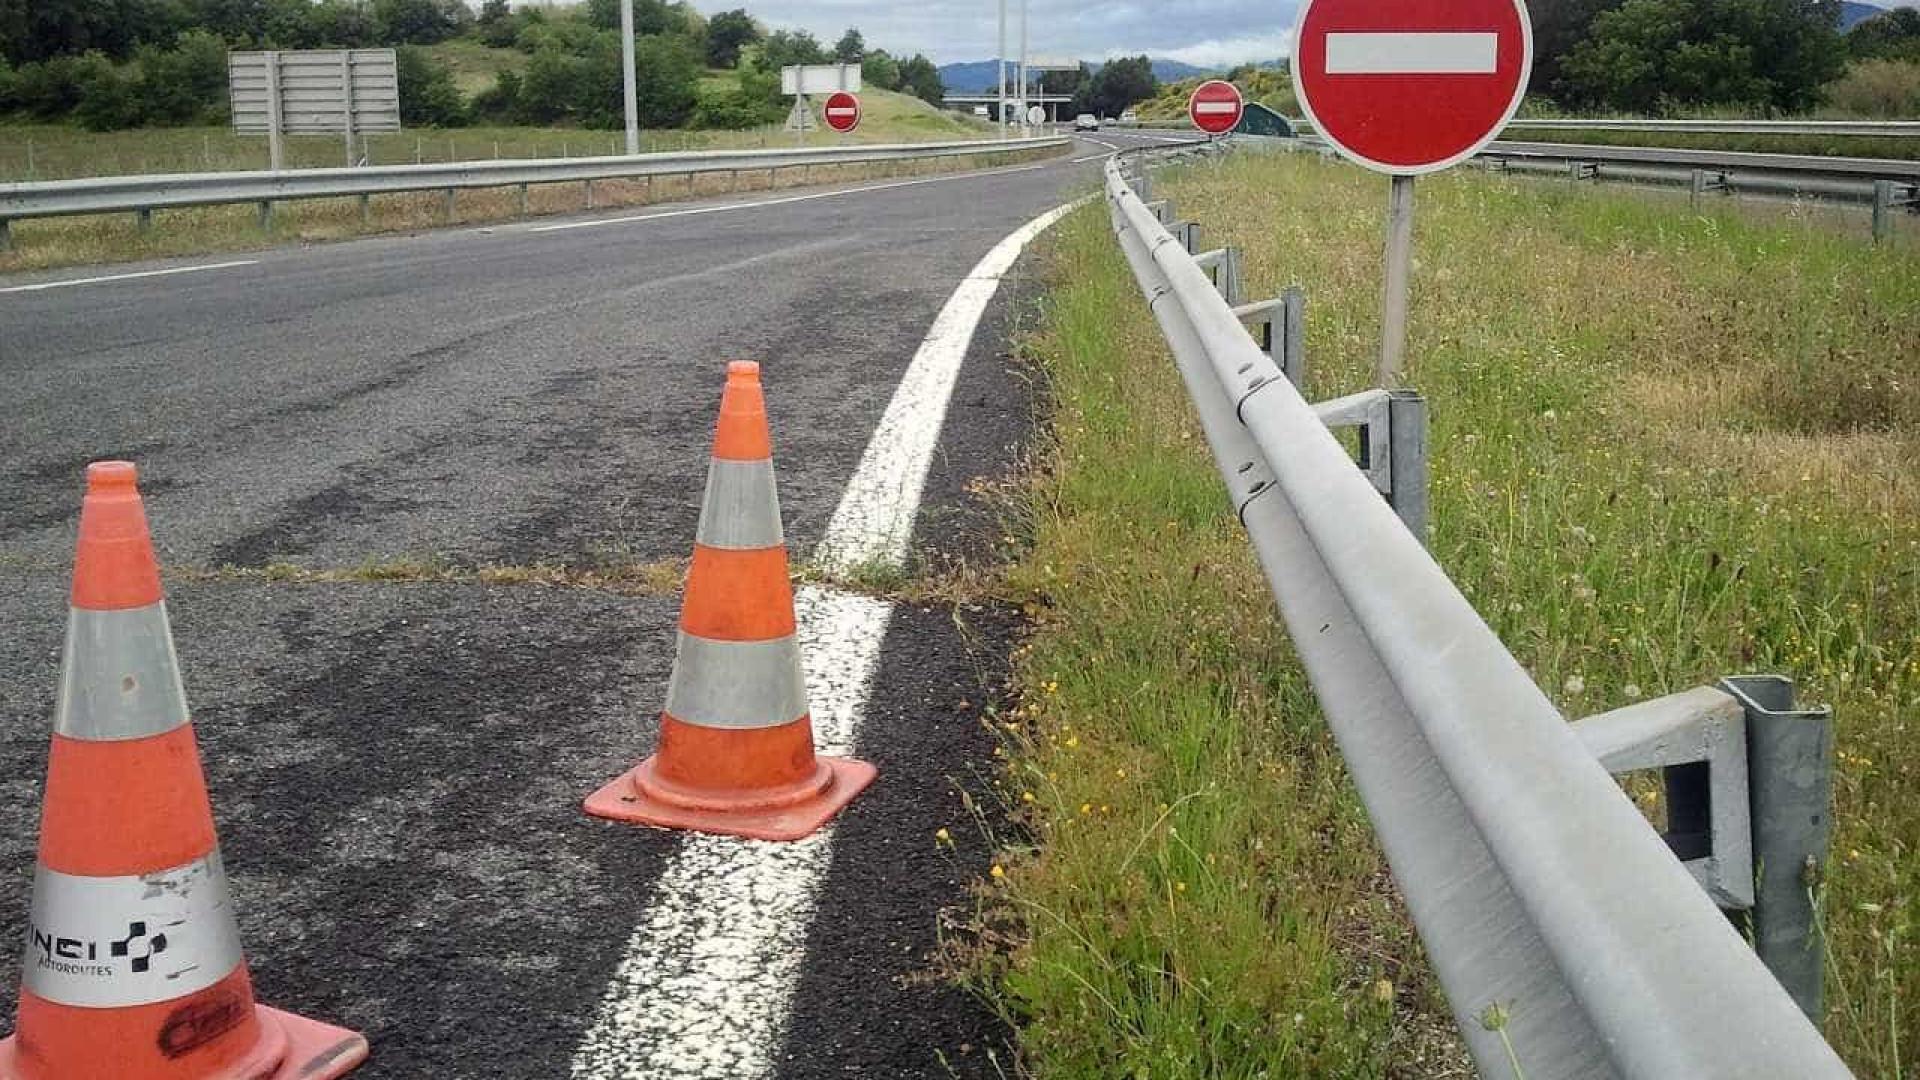 Trânsito restabelecido na A23 mas de forma condicionada